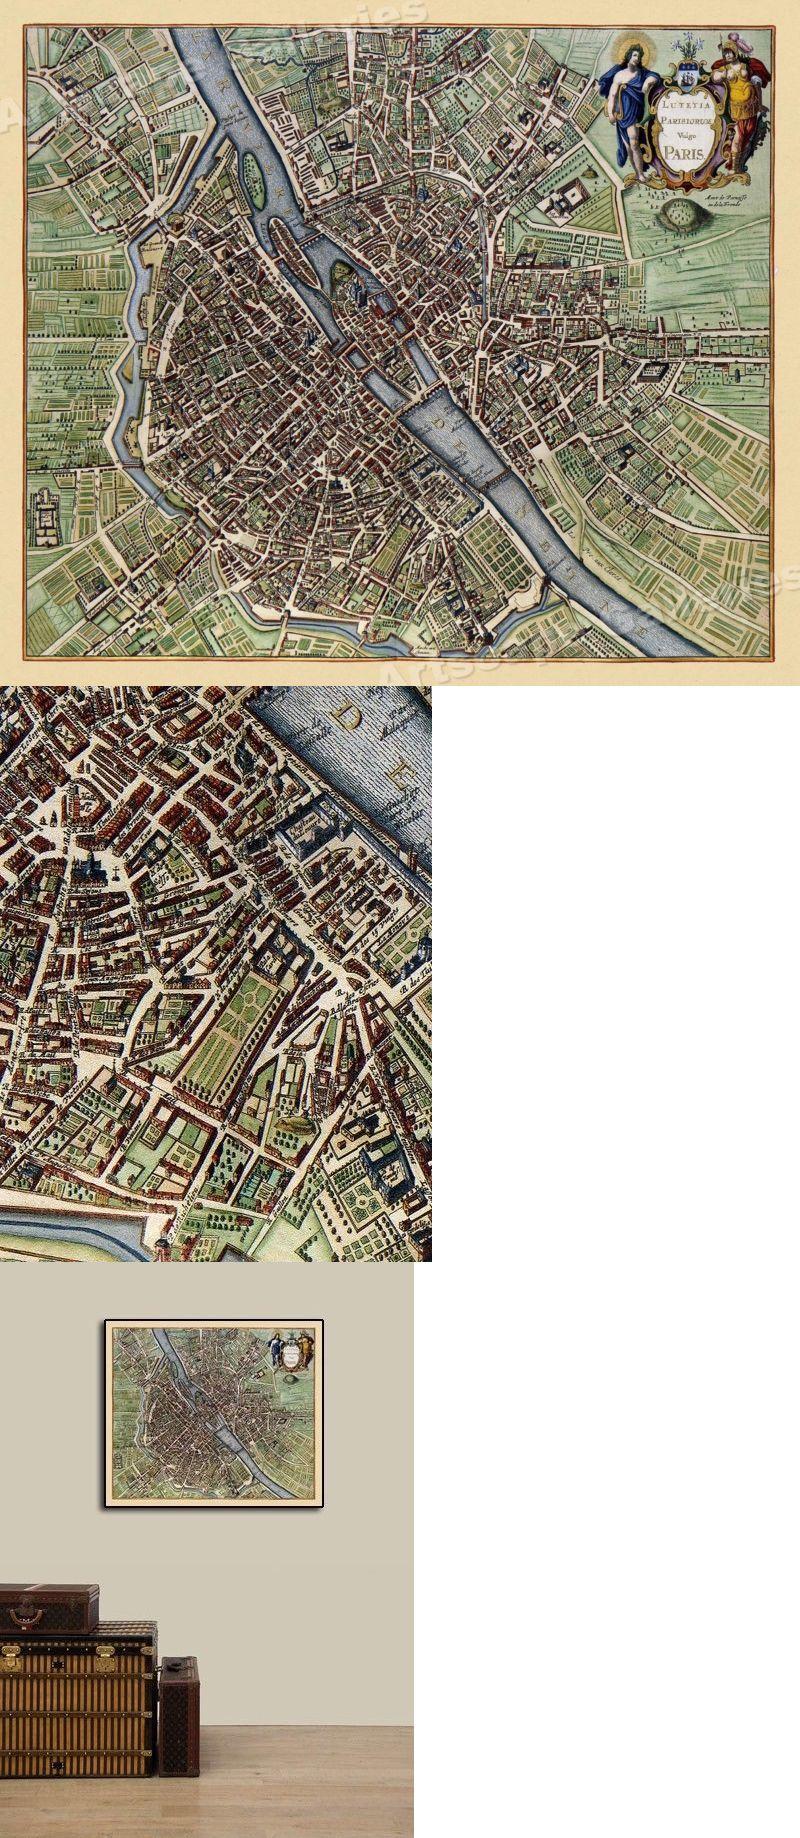 20x24 1657 Paris Seine Historic 17th Century Map